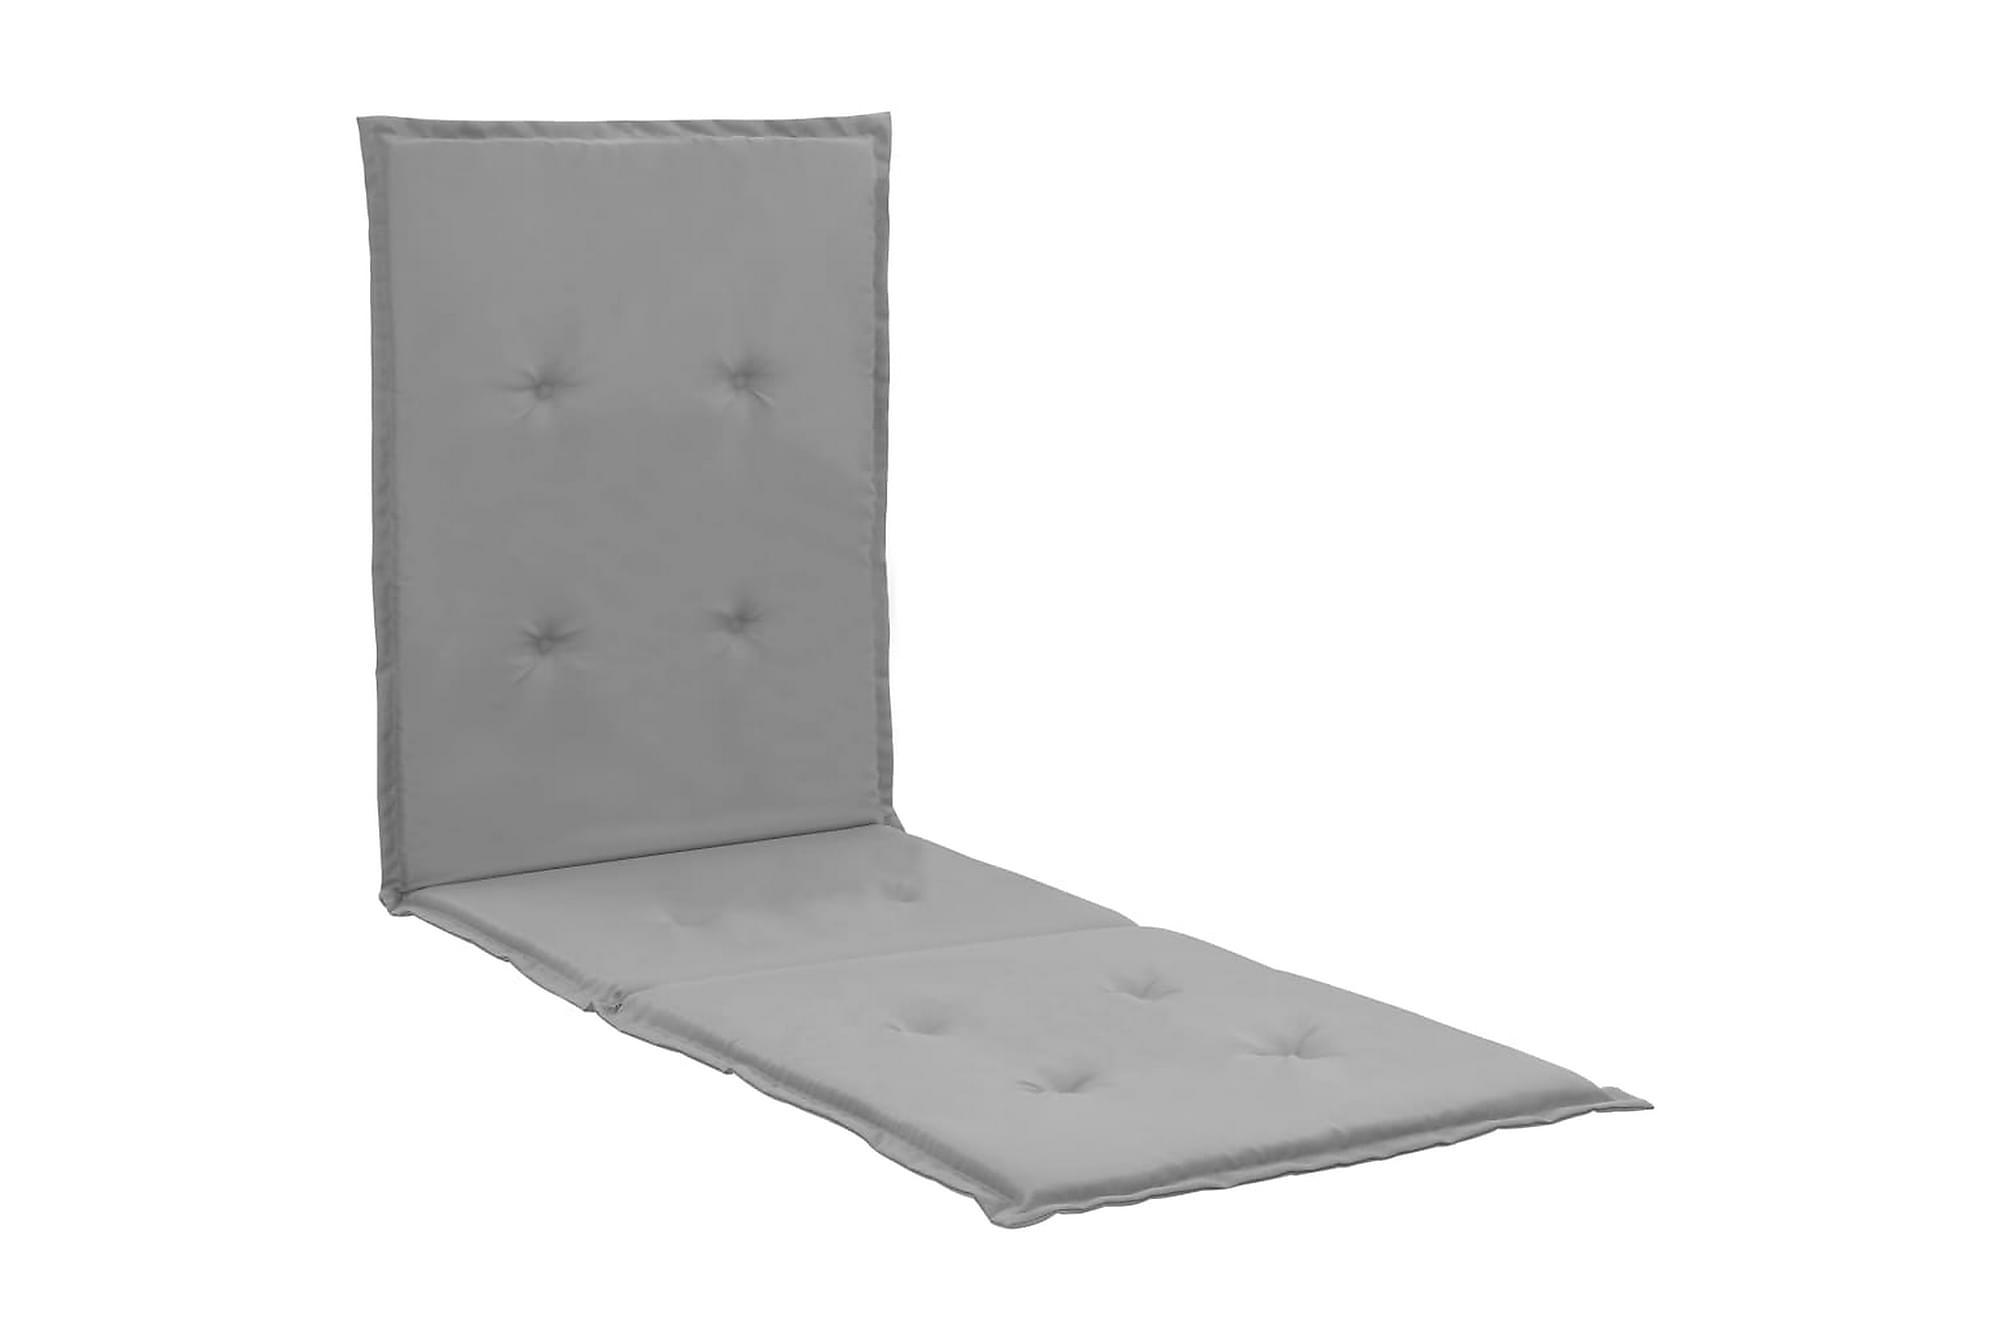 Dyna för solstol grå 180x55x3 cm, Positionsdynor